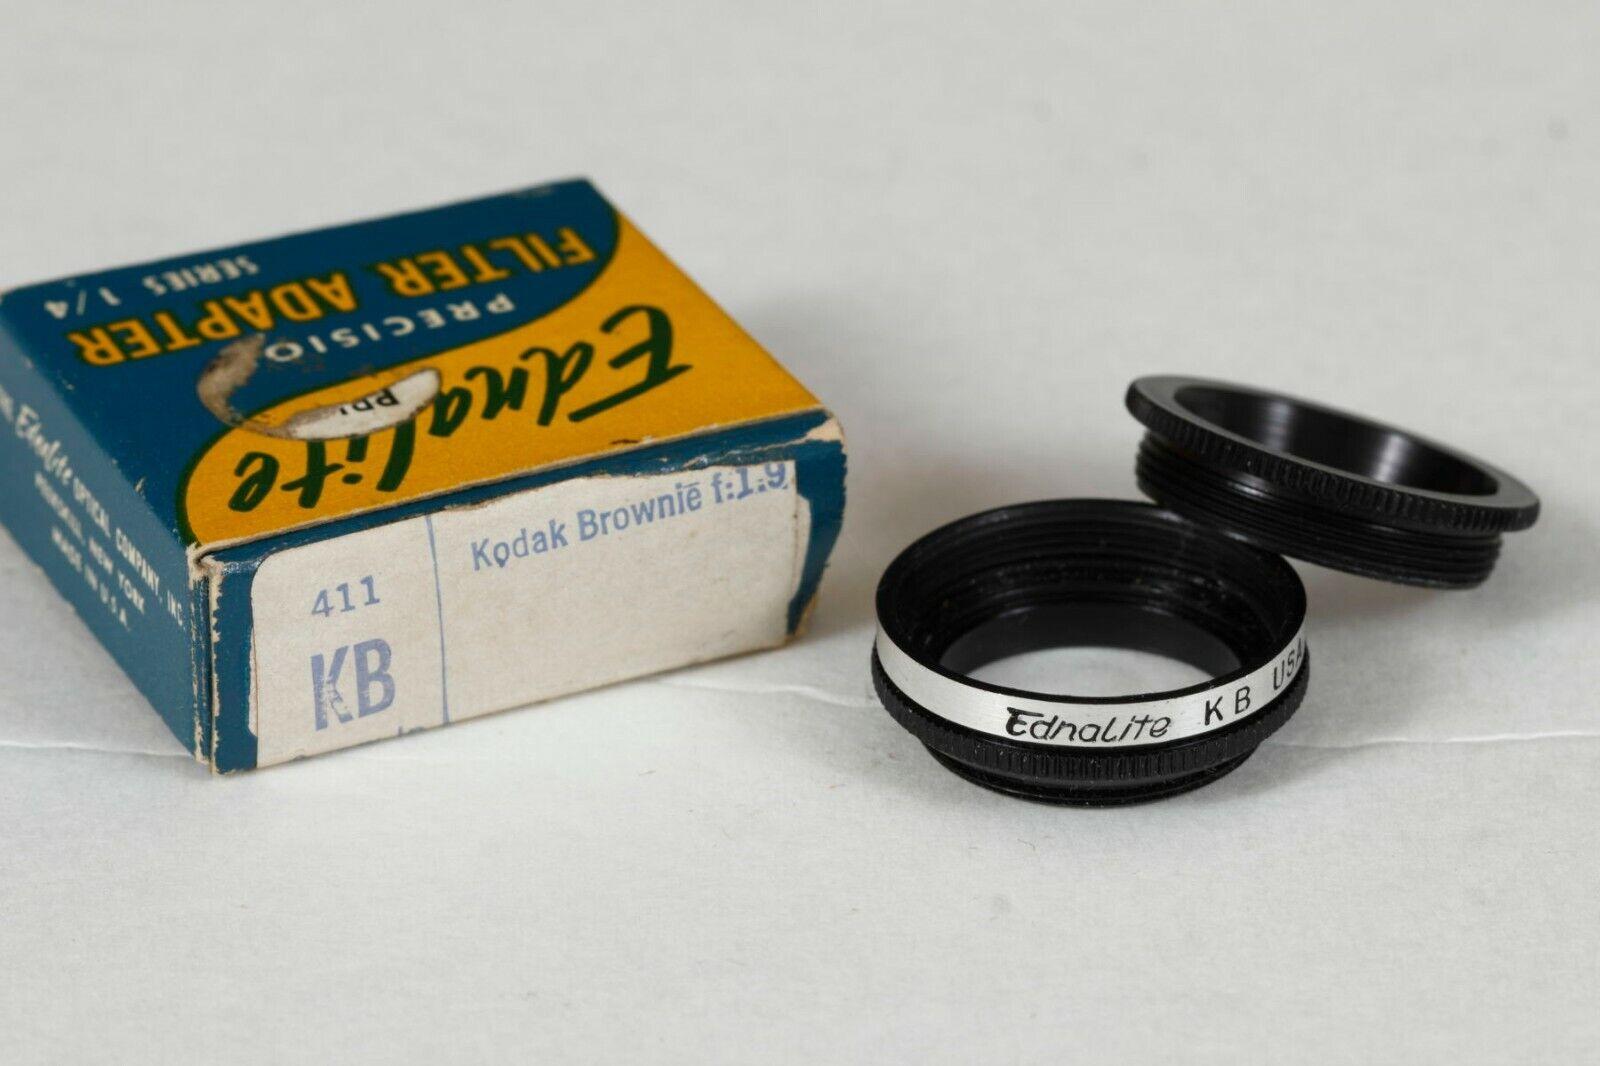 Ednalite 411 KB Series 1/4 Screw-in Adapter For Kodak Brownie - $14.75